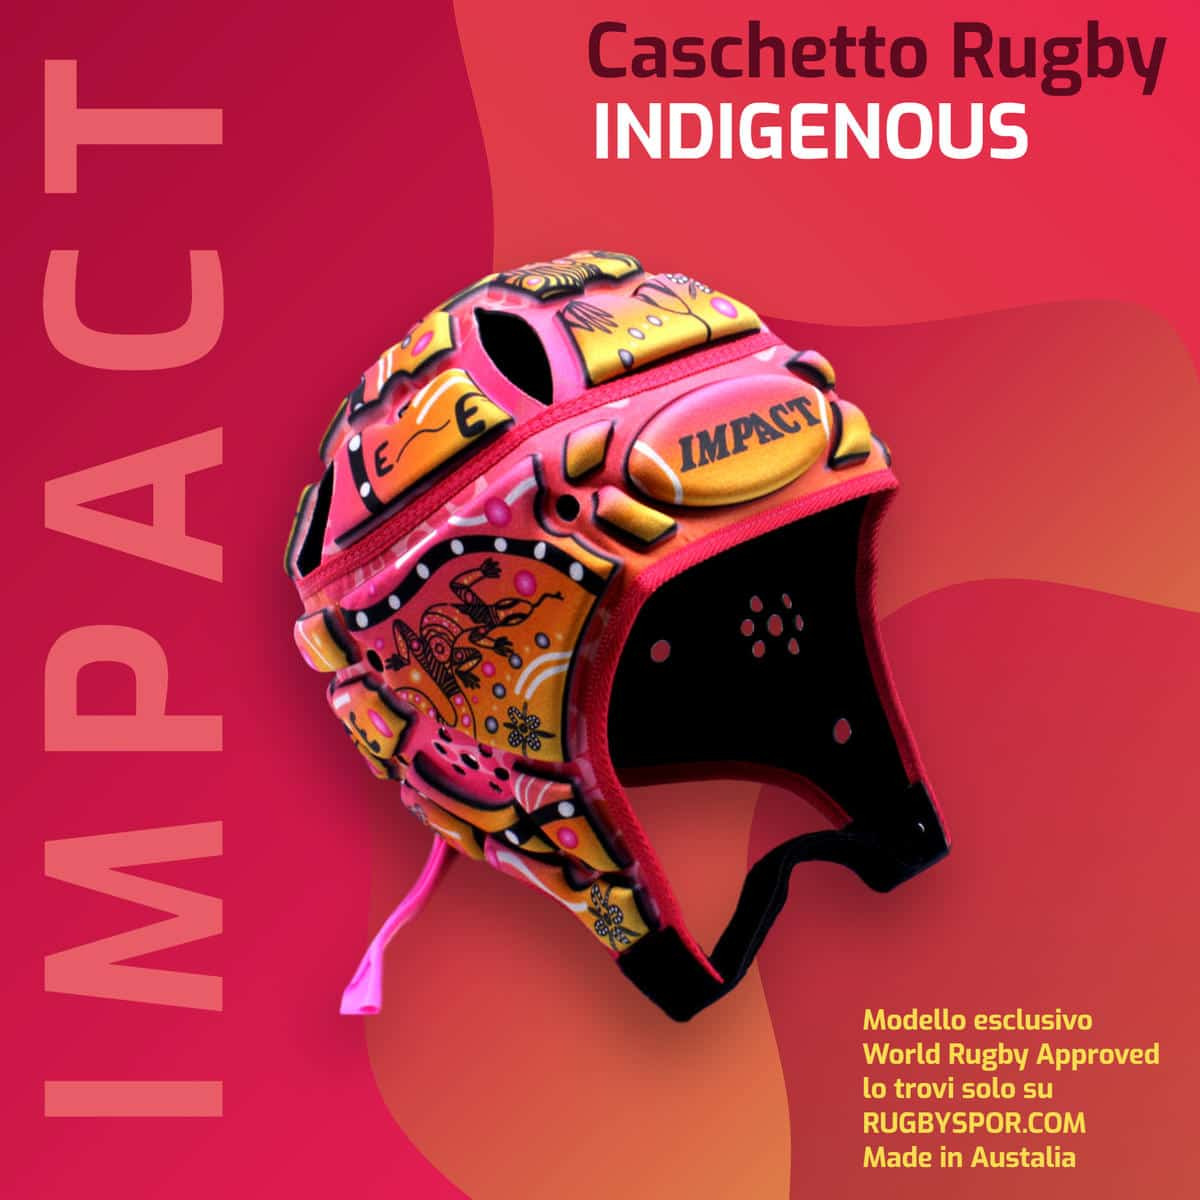 Indigenouspurple_1828472802